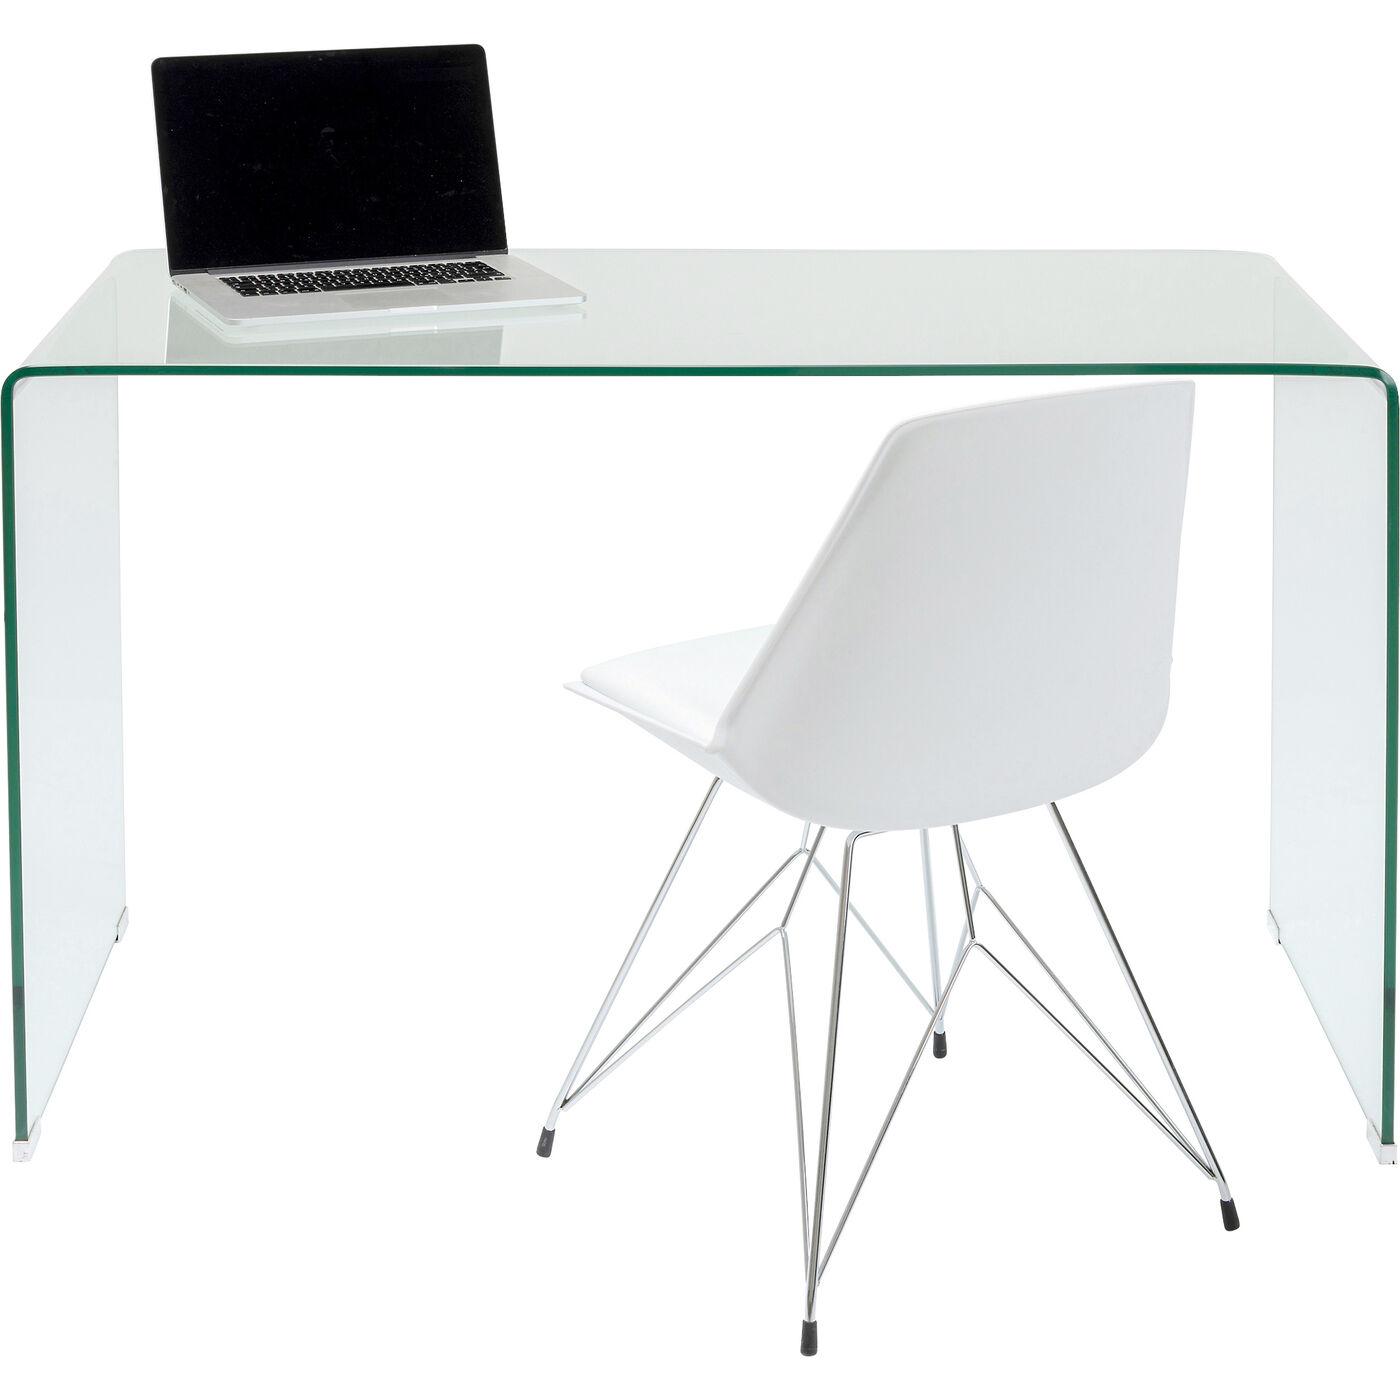 Clear Club Schreibtisch 125x60cm